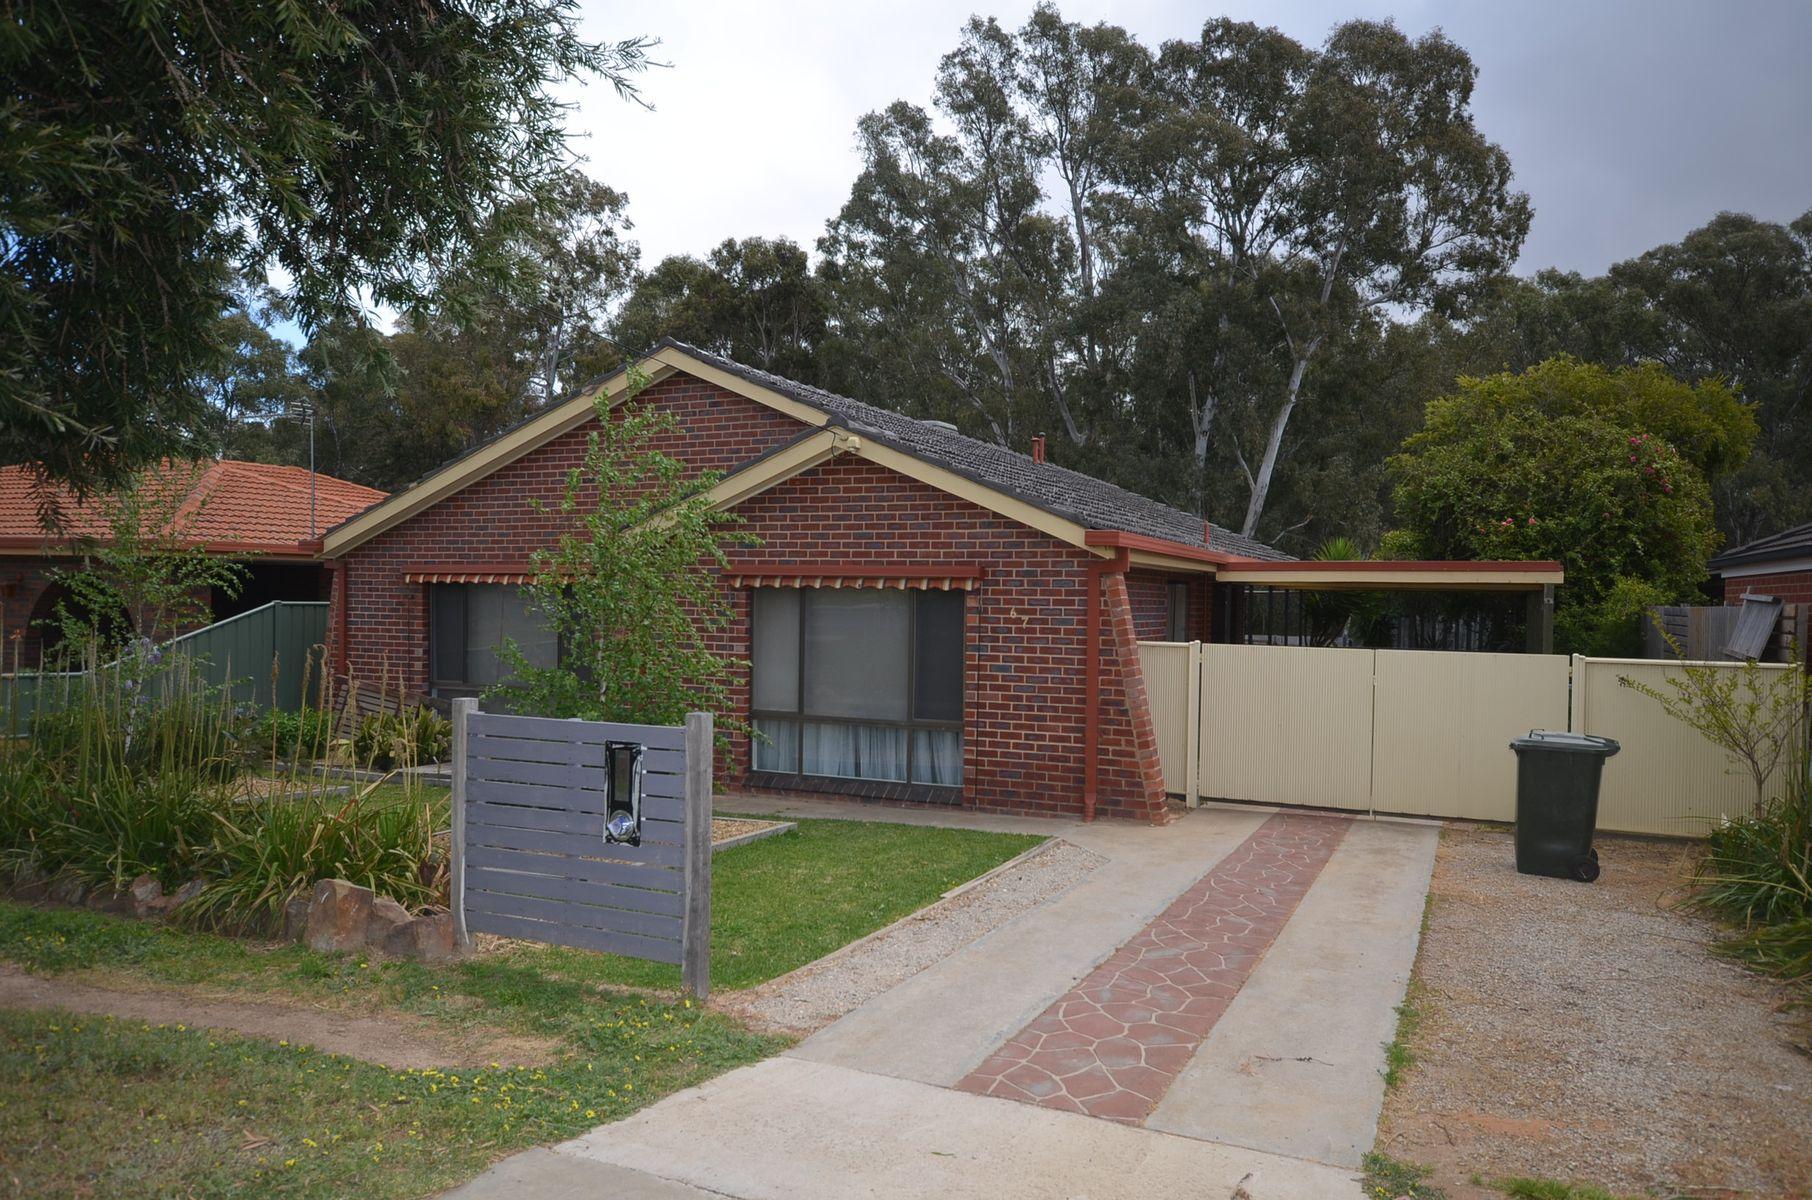 67 Retreat Road, Flora Hill, VIC 3550